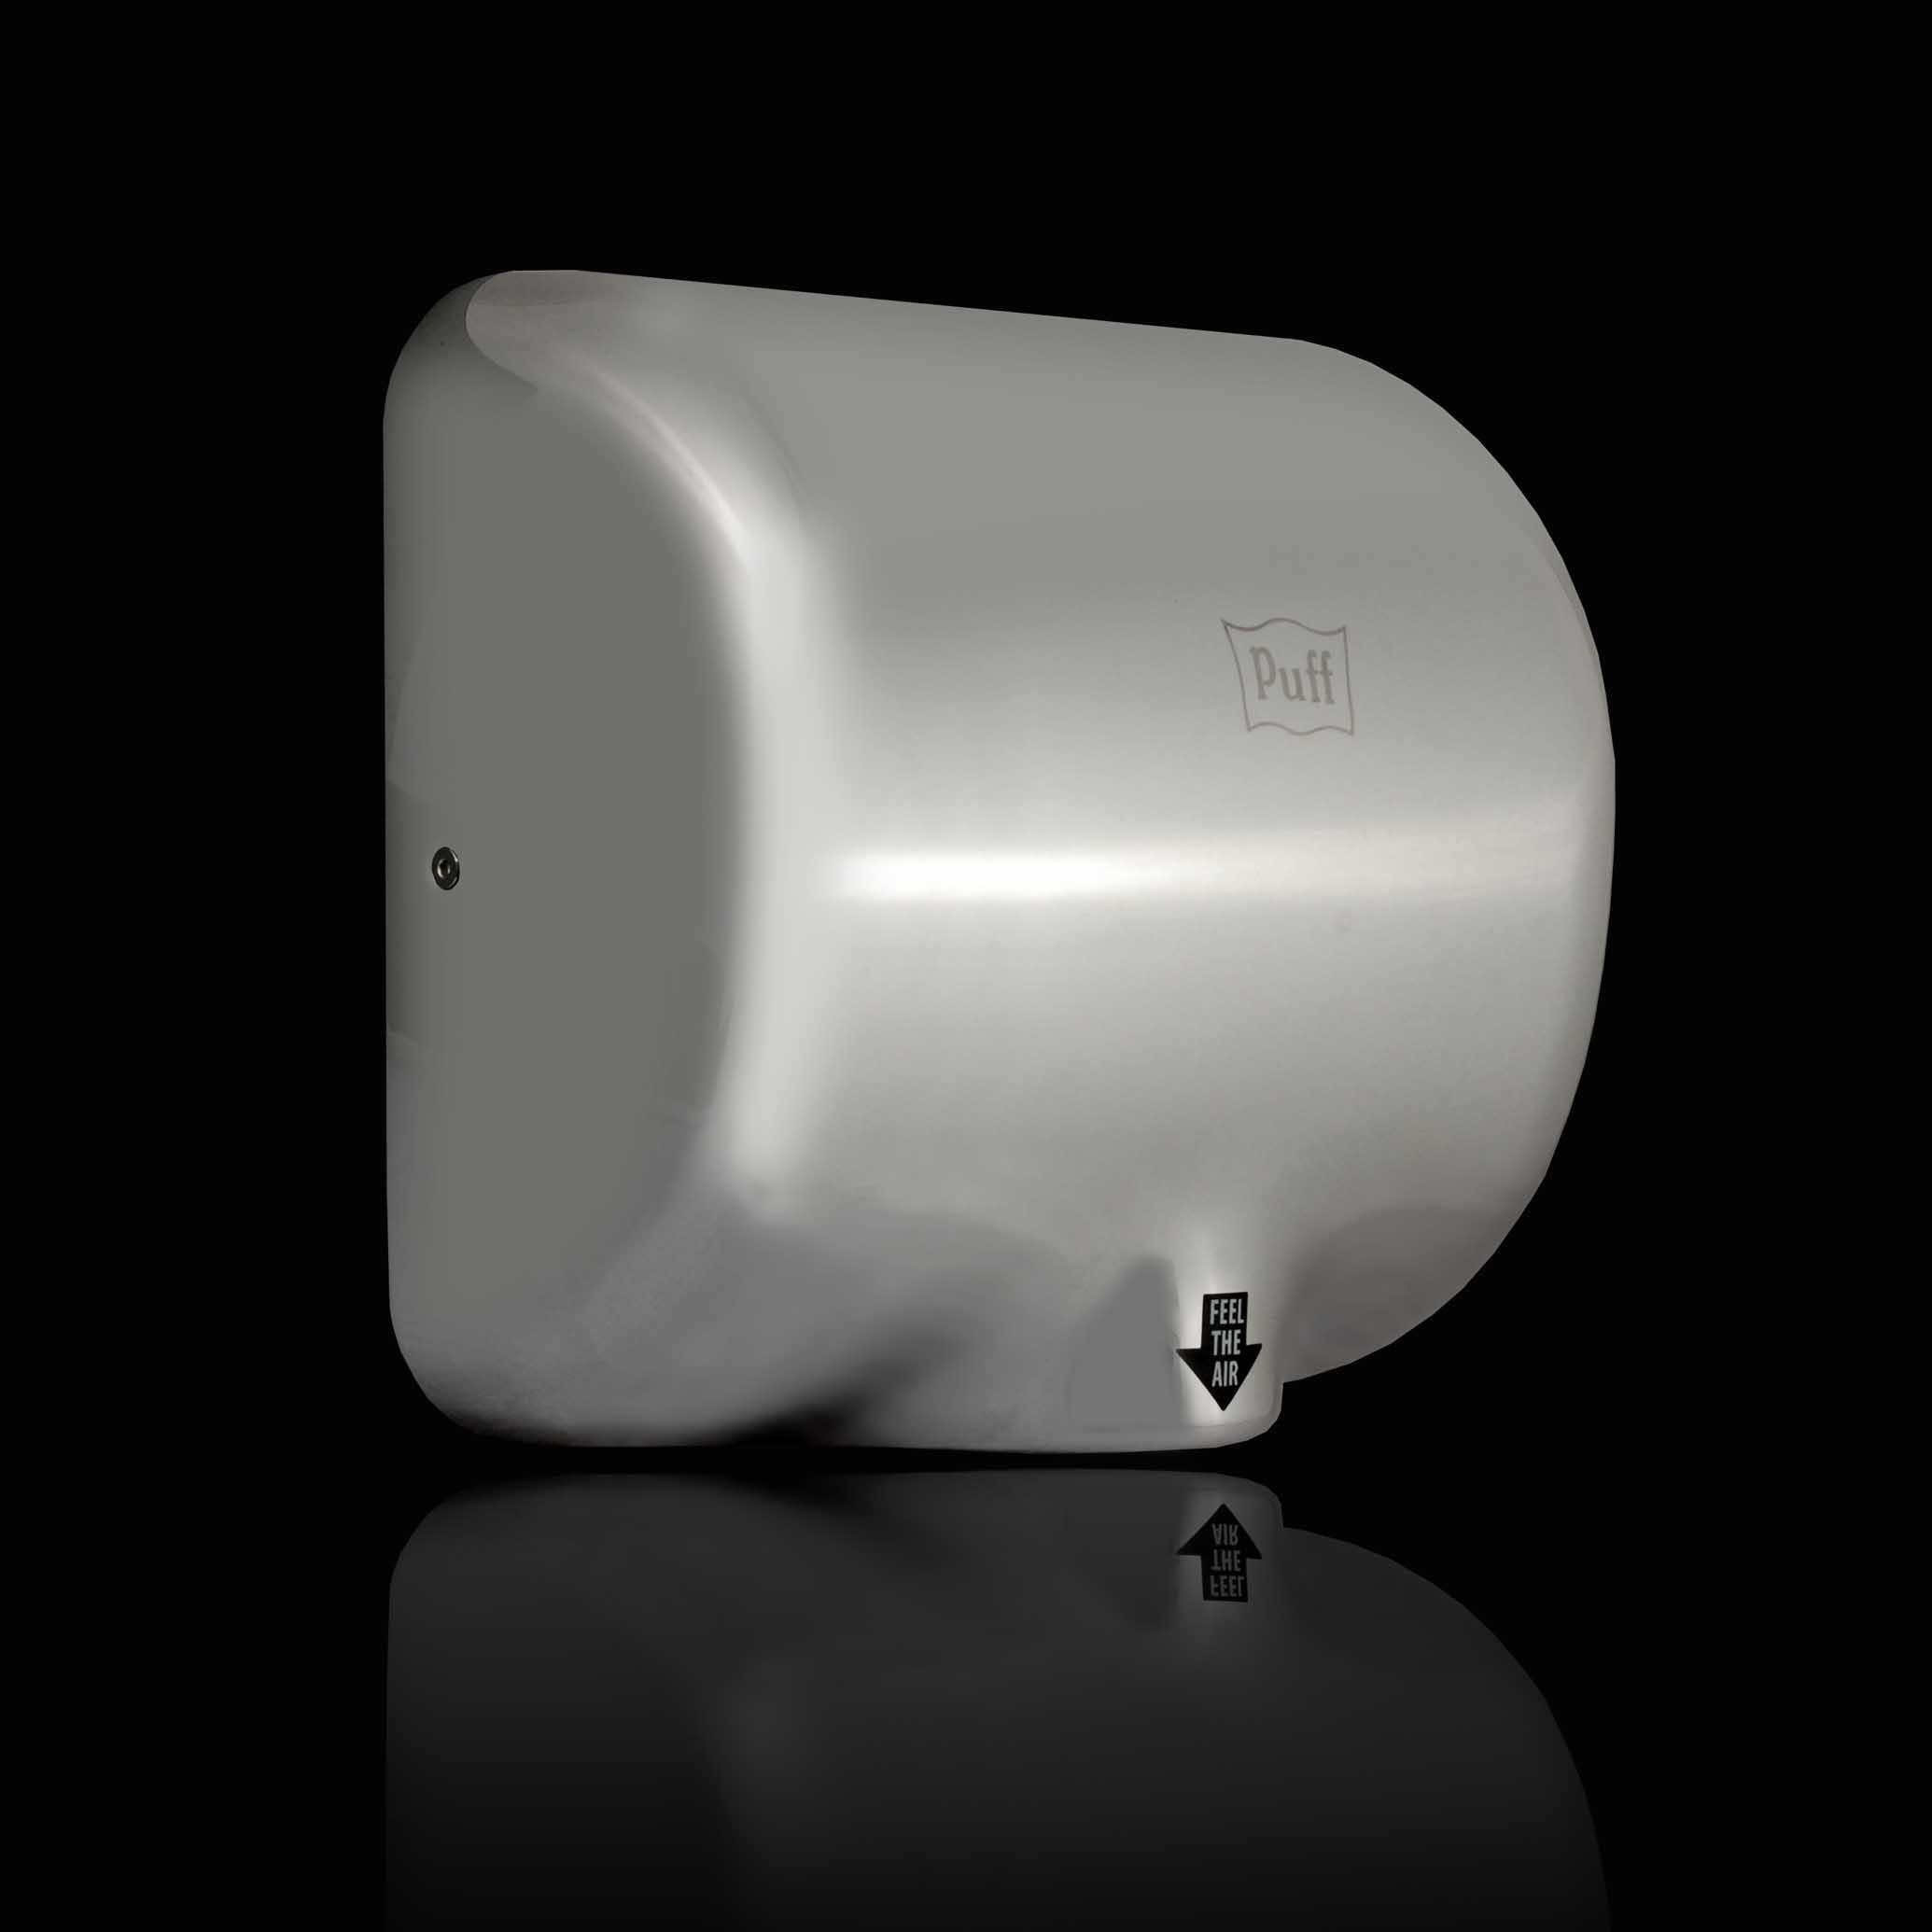 АнтивандальнаяВысокоскоростная сушилка для рукPuff-8888  Обладает оптимальной мощностью - одна из самых высокоскоростных сушилок в своем классе!Отлично подходит для общественныхмест с повышенной проходимостью.  Материал корпуса: нержавеющая стальЦвет: хром/матовыйМощность (Вт): 1800Скорость воздушного потока (м/сек): 95Время сушки рук (сек): 5-7Механизм включения: автоматическийОбласть срабатывания сенсора, см: 5-20Уровень шума, дБ: 70Температура воздушного потока, С: 40-54°СКласс влагозащищенности: IPX1Защита от перегрева/перегрузки: даВес брутто/нетто, кг: 4,75/4,3Габаритные размеры (мм) (ШхГхВ): 295х171х325Гарантия: 12 мес.